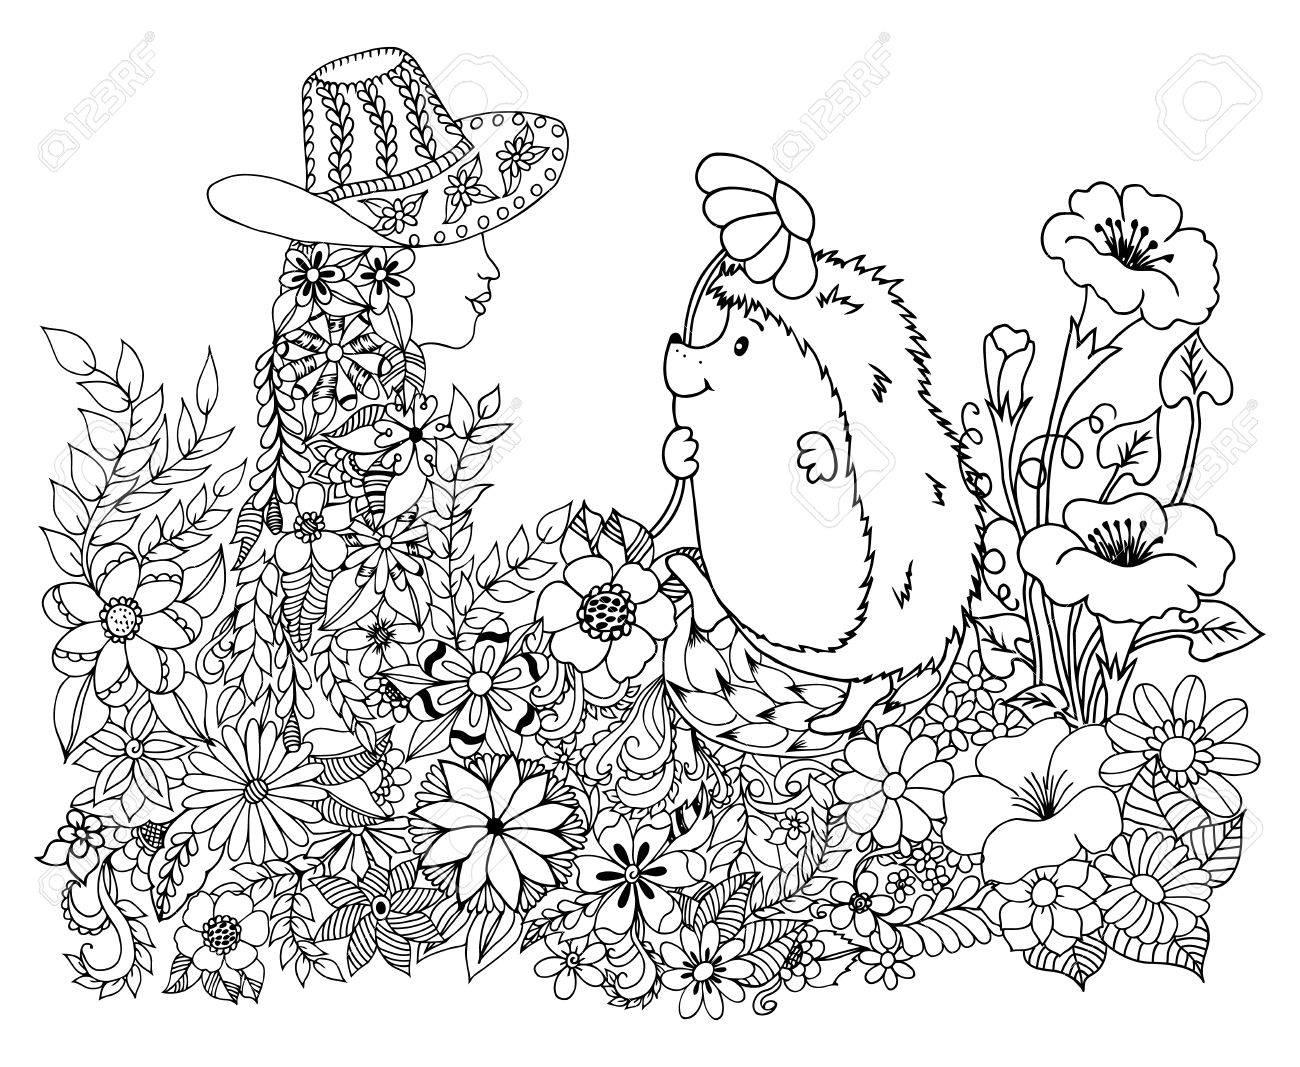 Ilustración De Arte Vectorial Erizo Entre Las Flores Da Una Chica ...